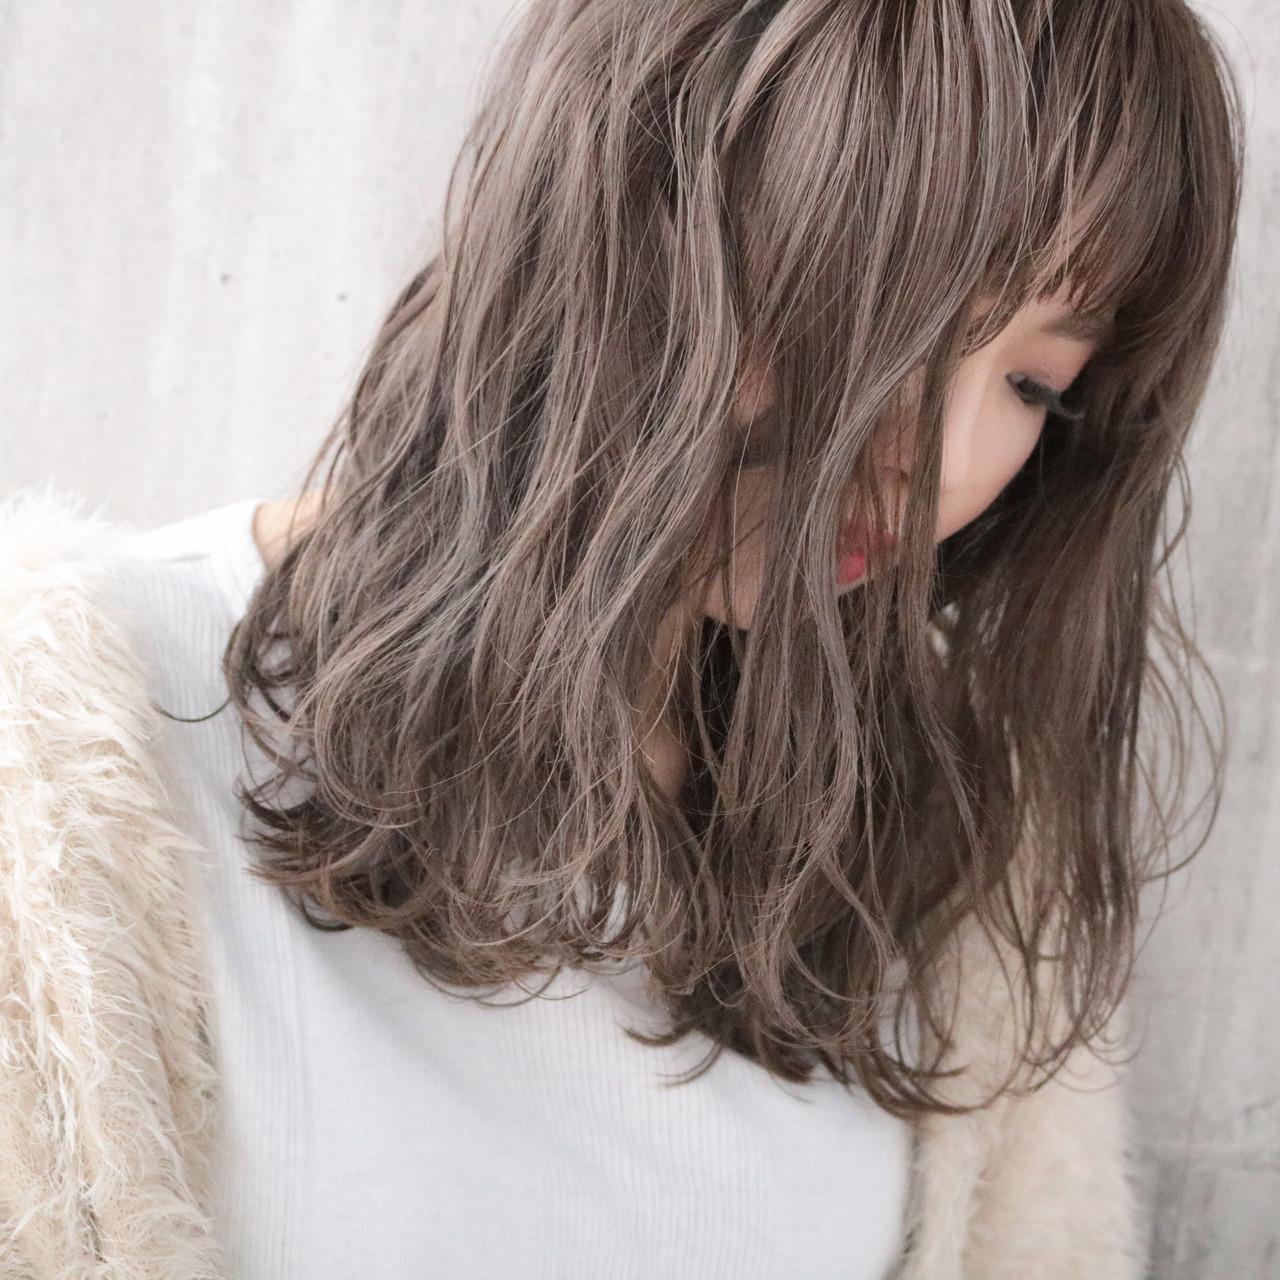 ナチュラル 外国人風カラー アンニュイほつれヘア ミルクティーベージュ ヘアスタイルや髪型の写真・画像